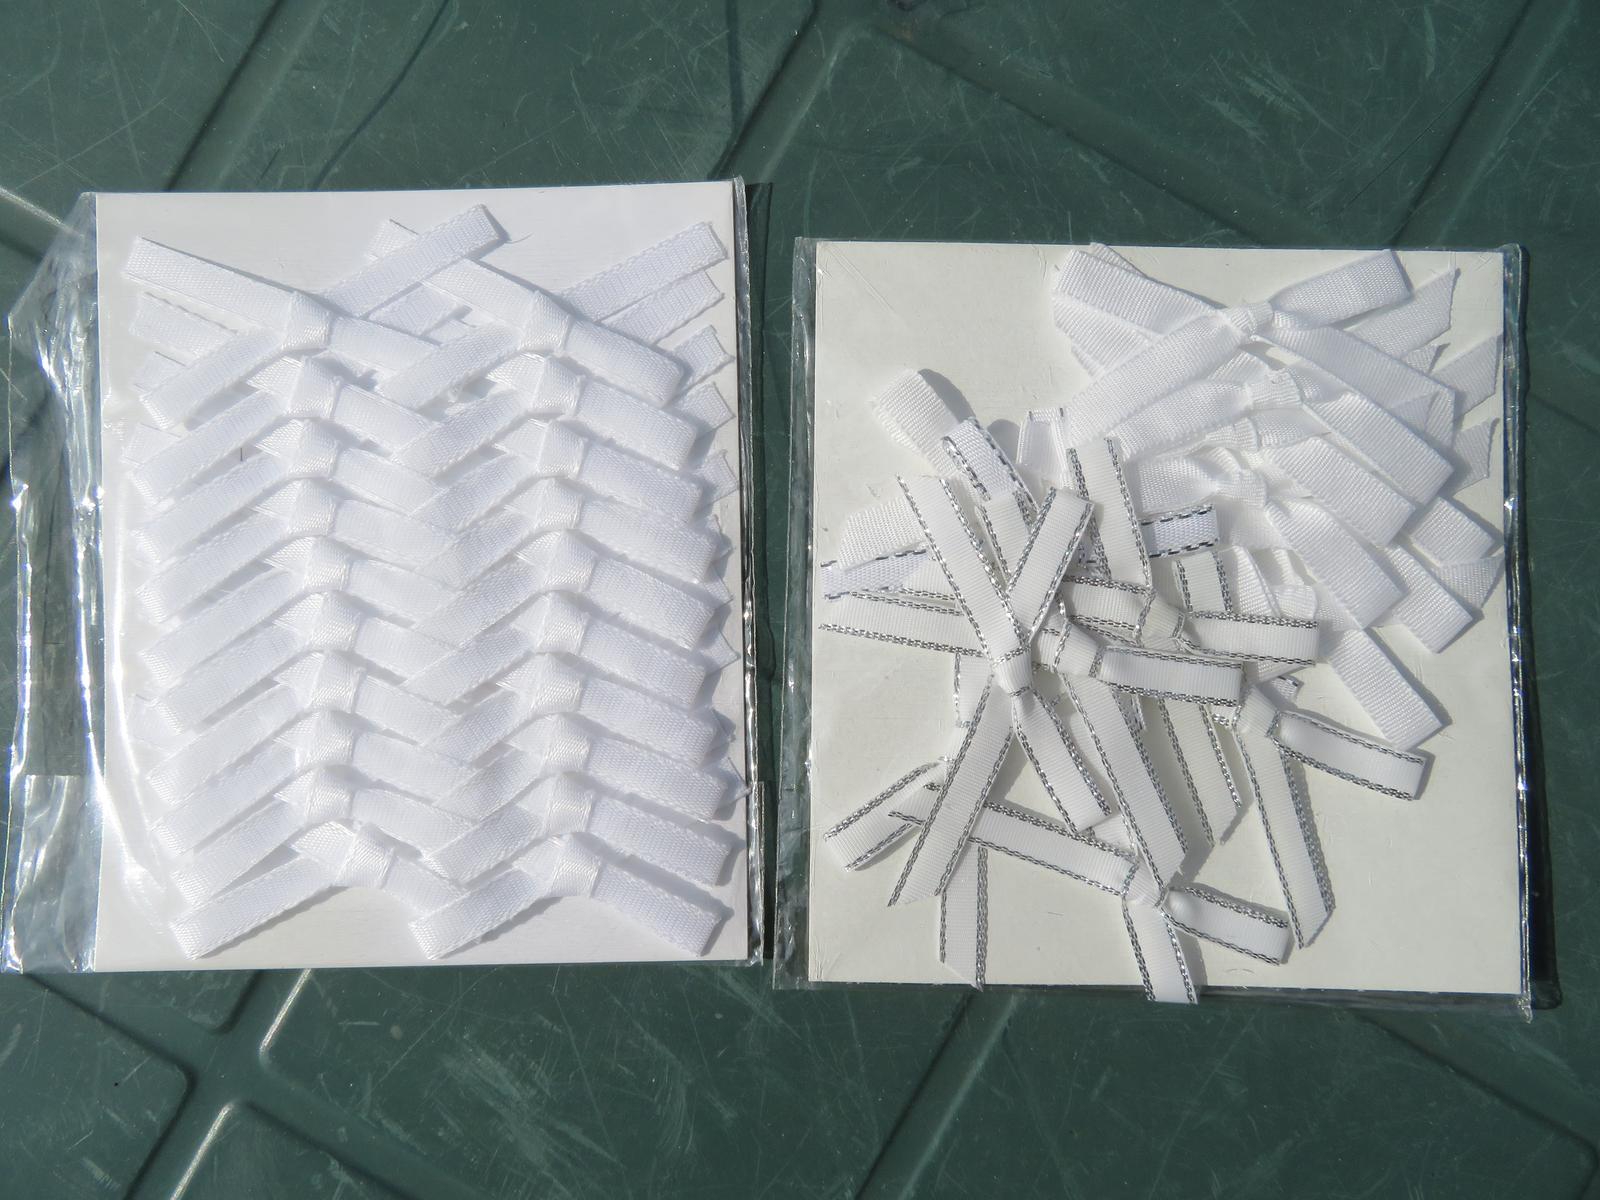 Vývazky jednoduché - Obrázek č. 1